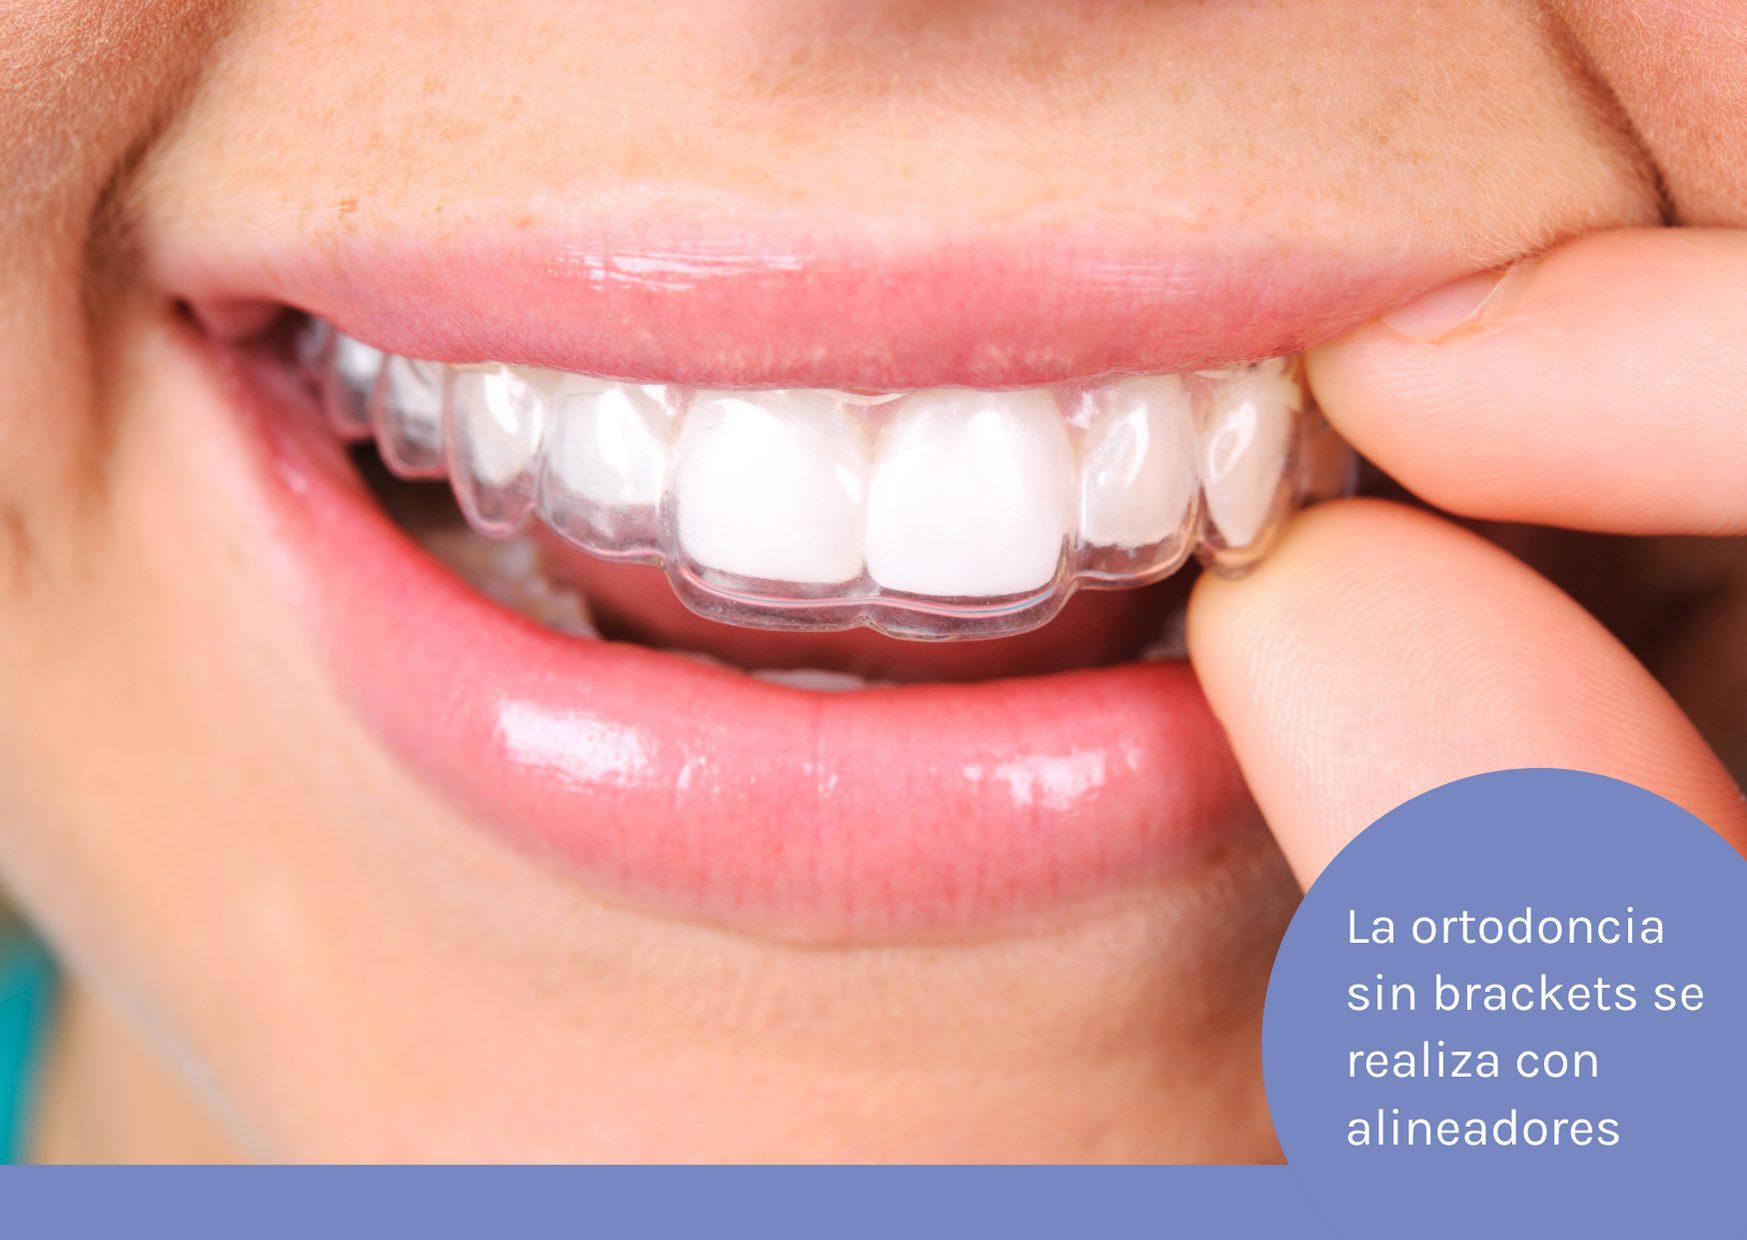 ortodoncia sin brackets con alineadores